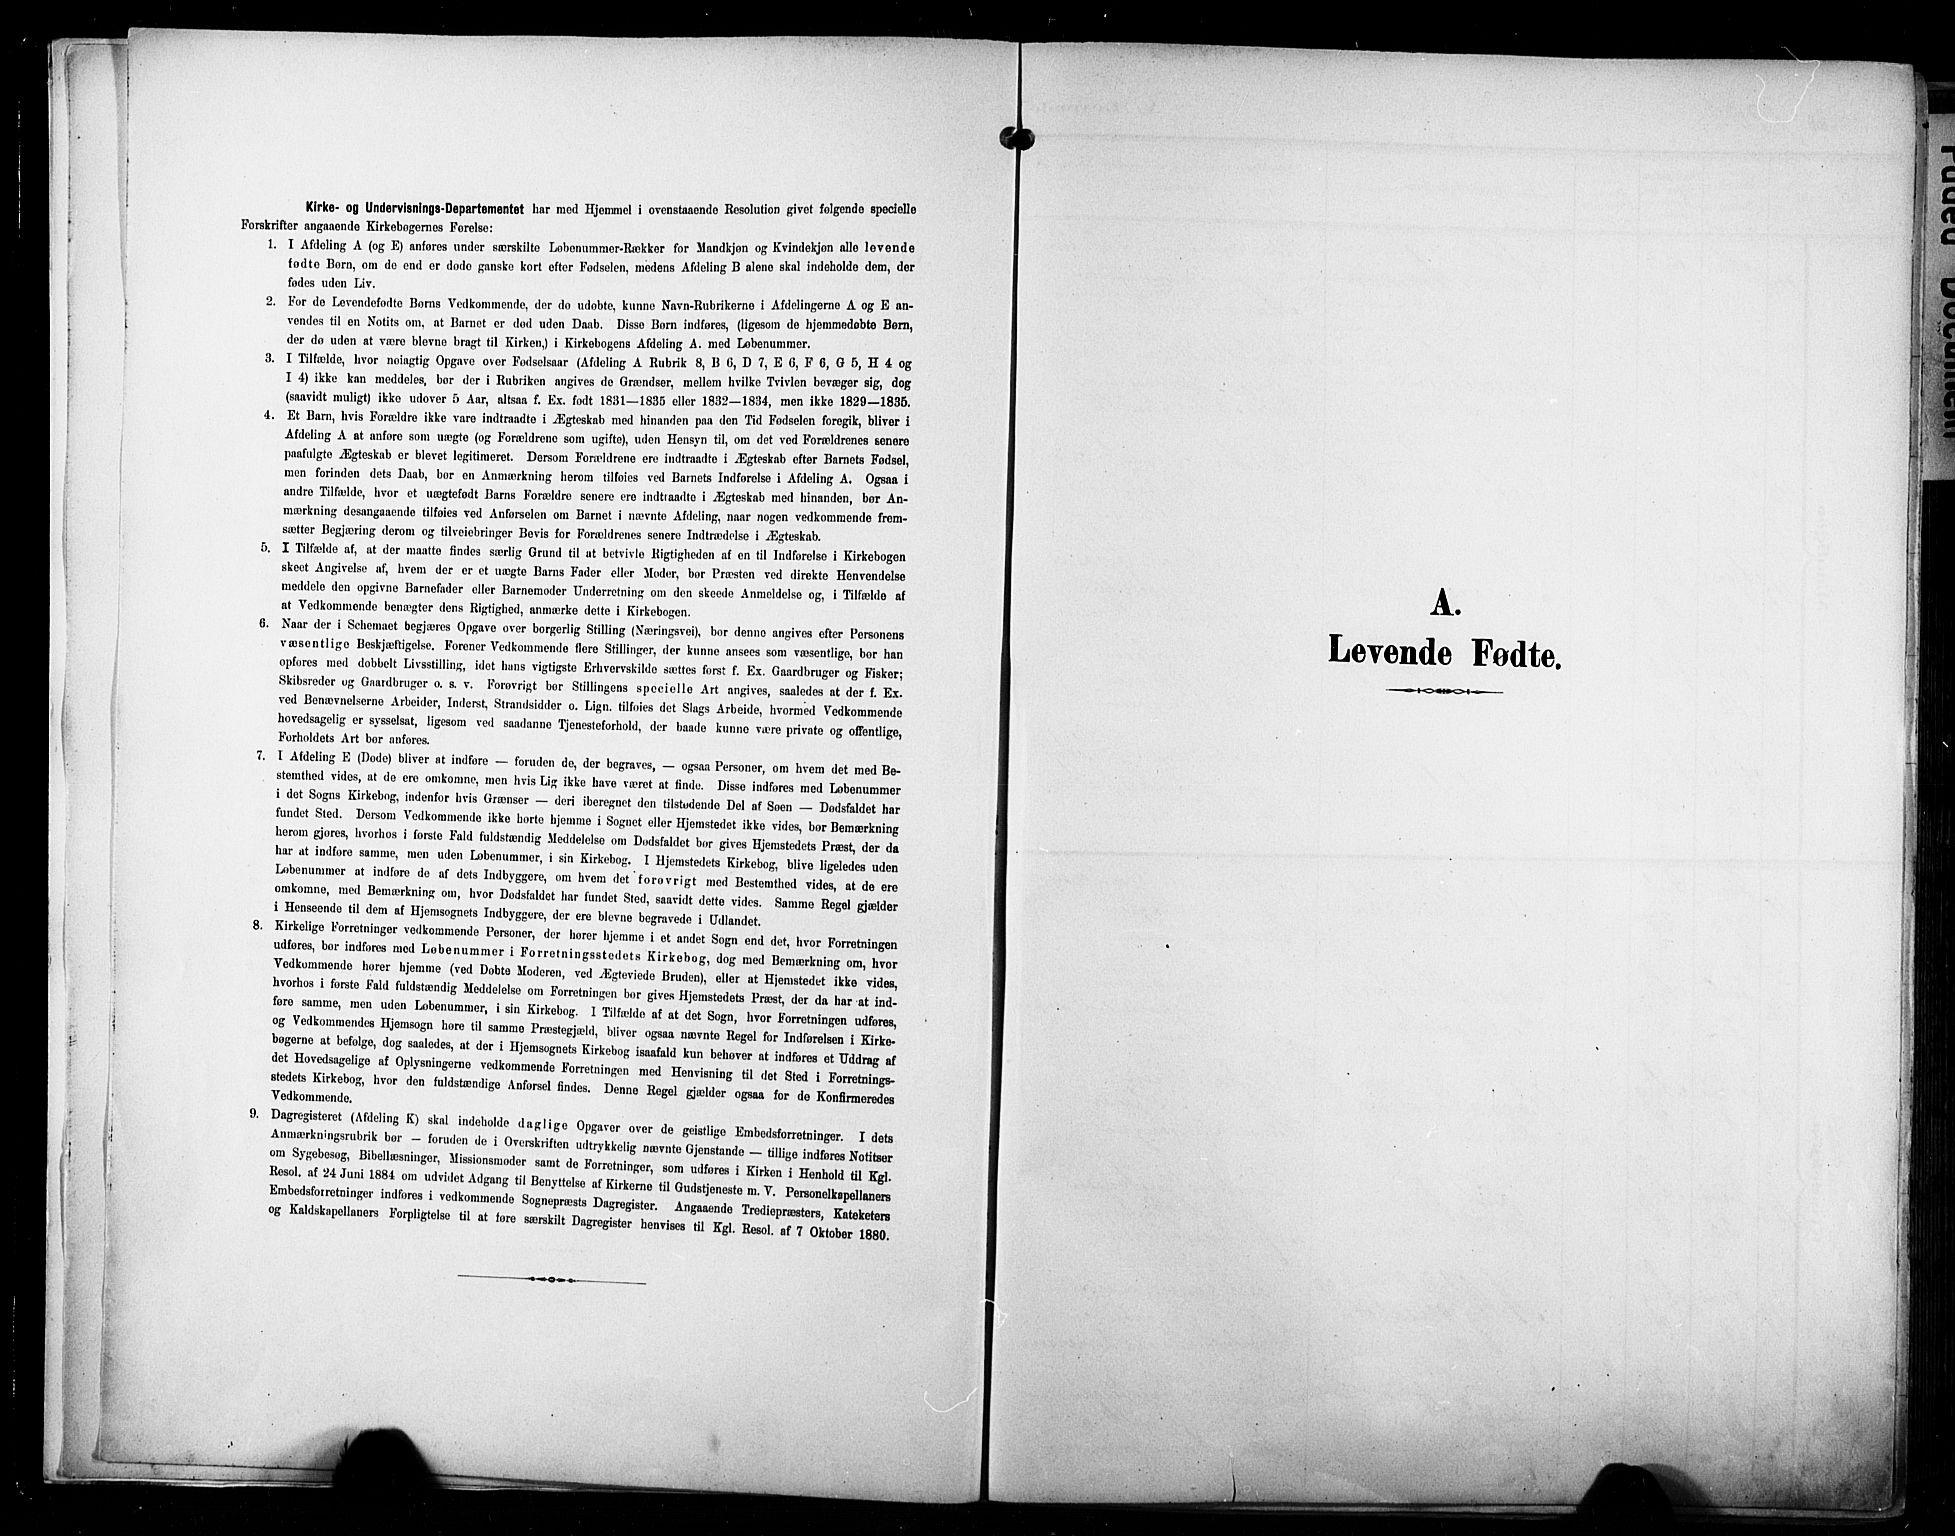 SAKO, Bragernes kirkebøker, G/Ga/L0004: Klokkerbok nr. 4, 1880-1911